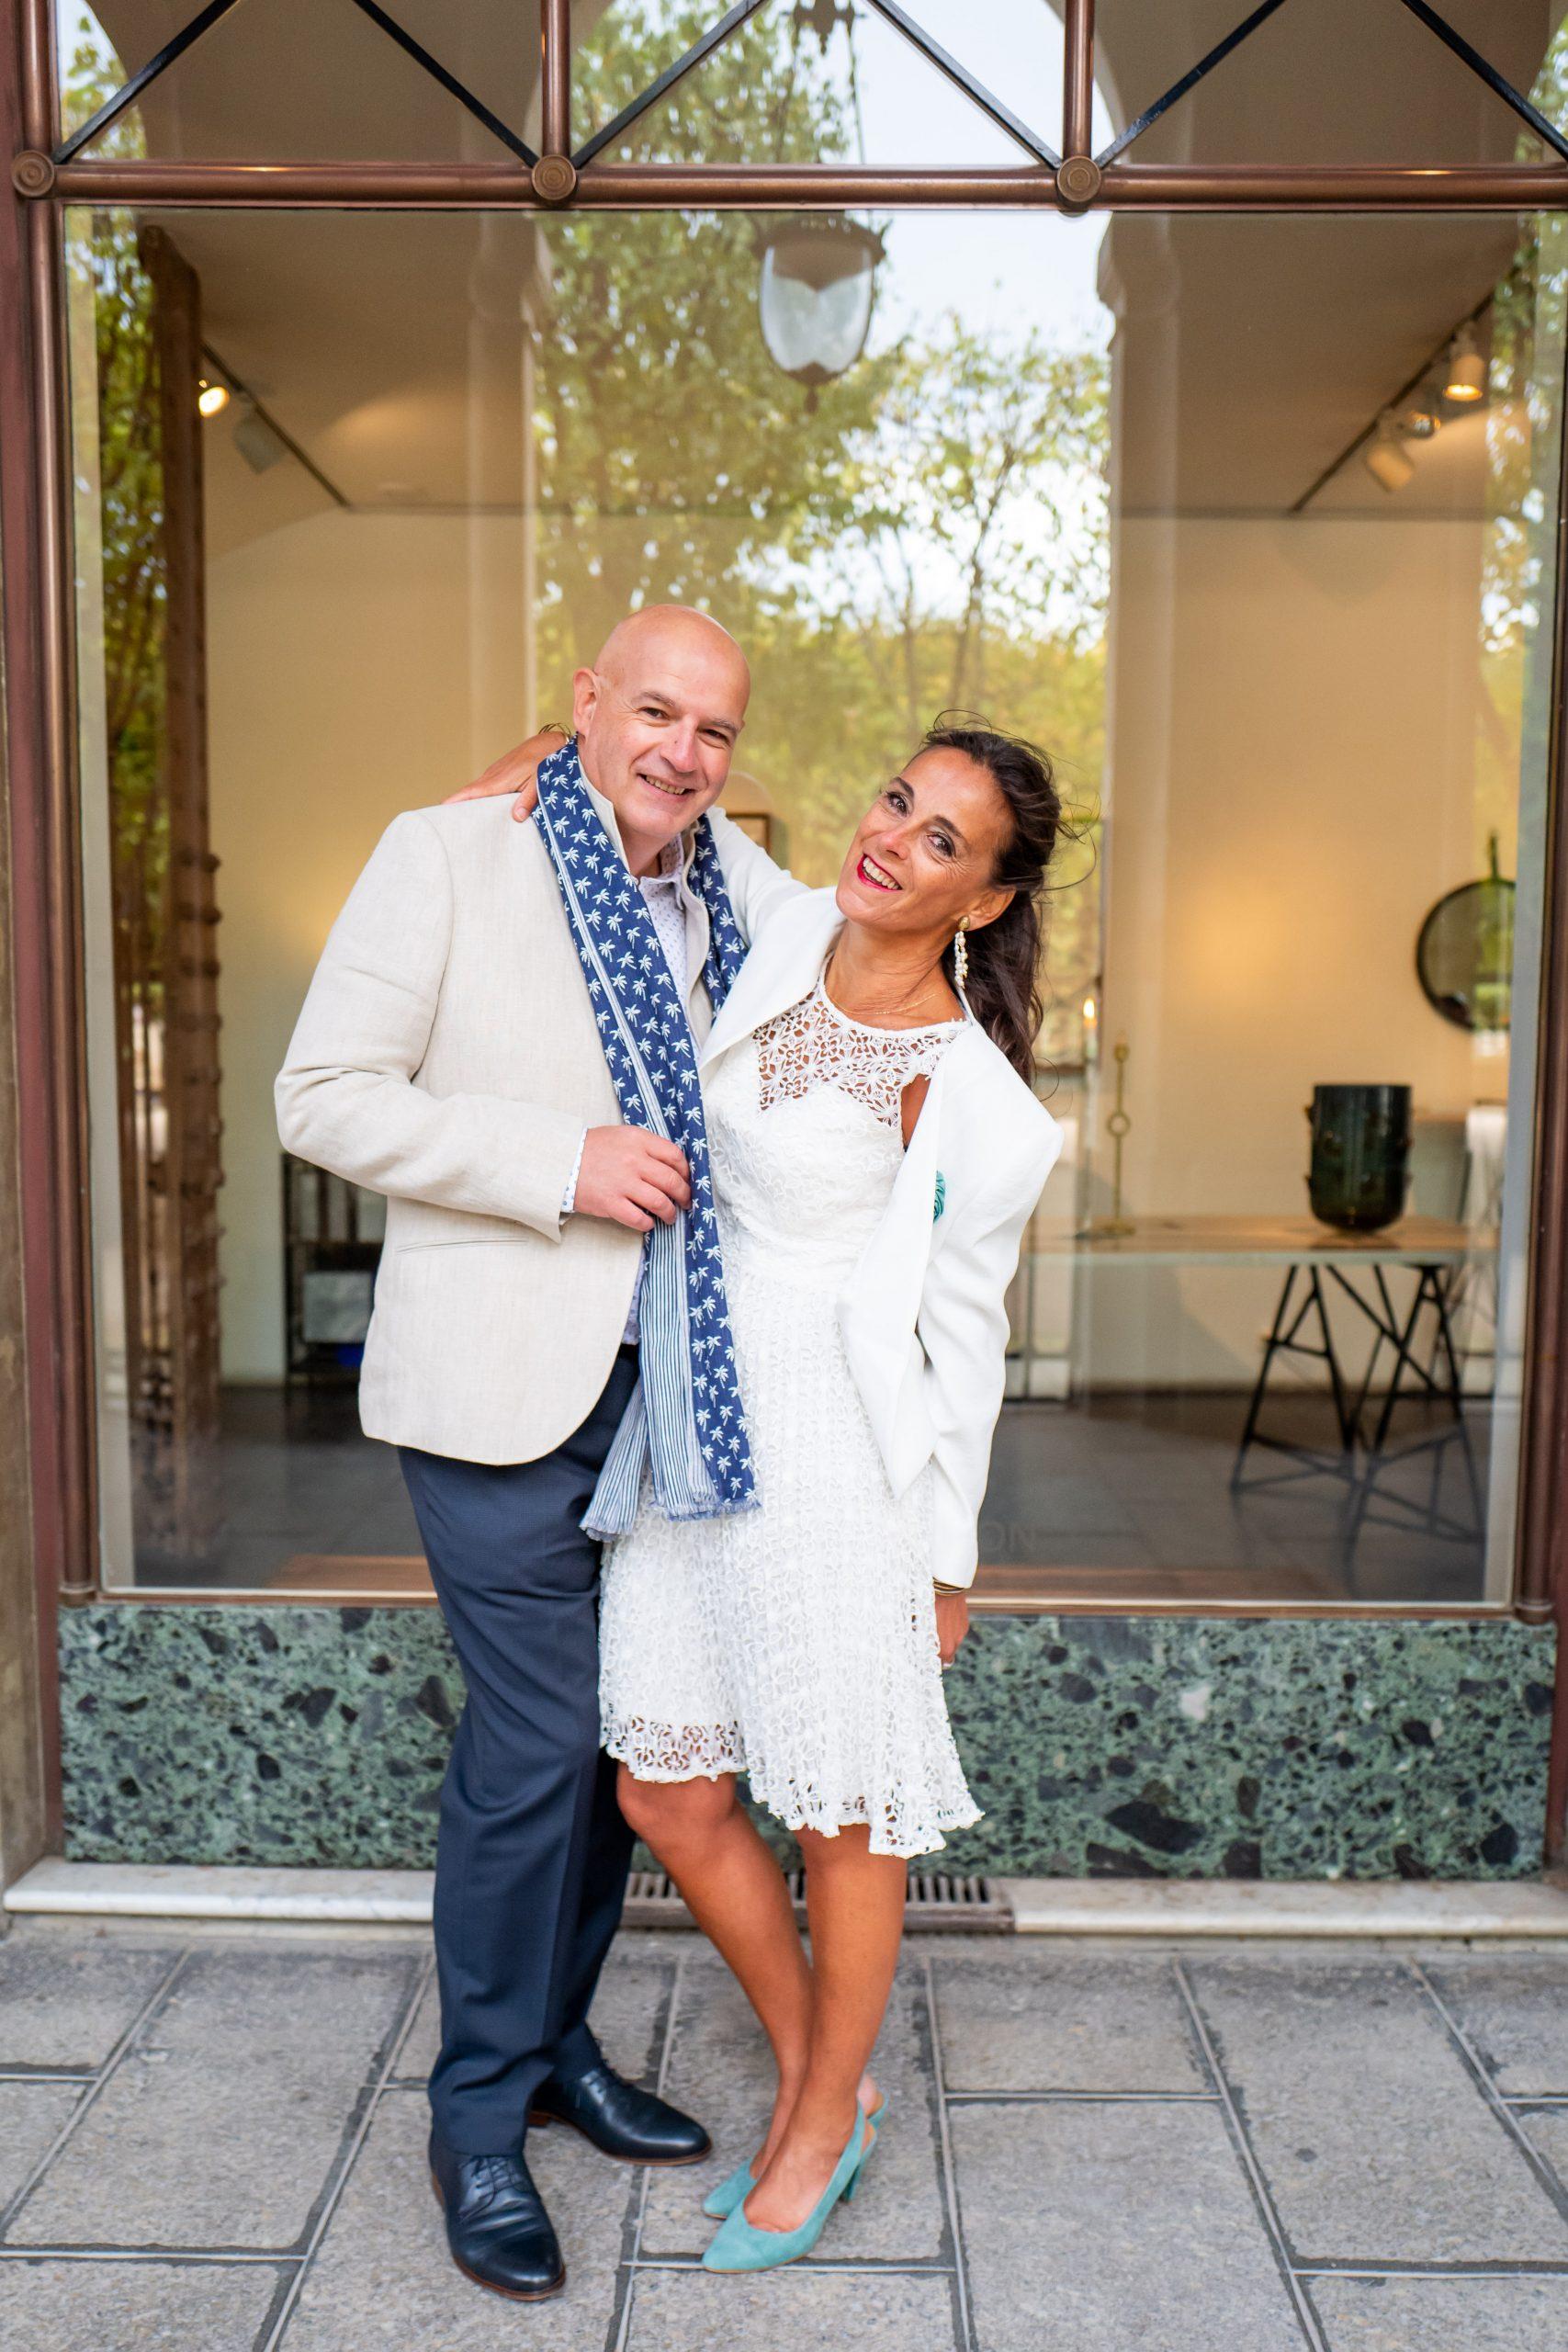 Mariage Hérault - Photographe mariage Hérault original - Séance couple Montpellier